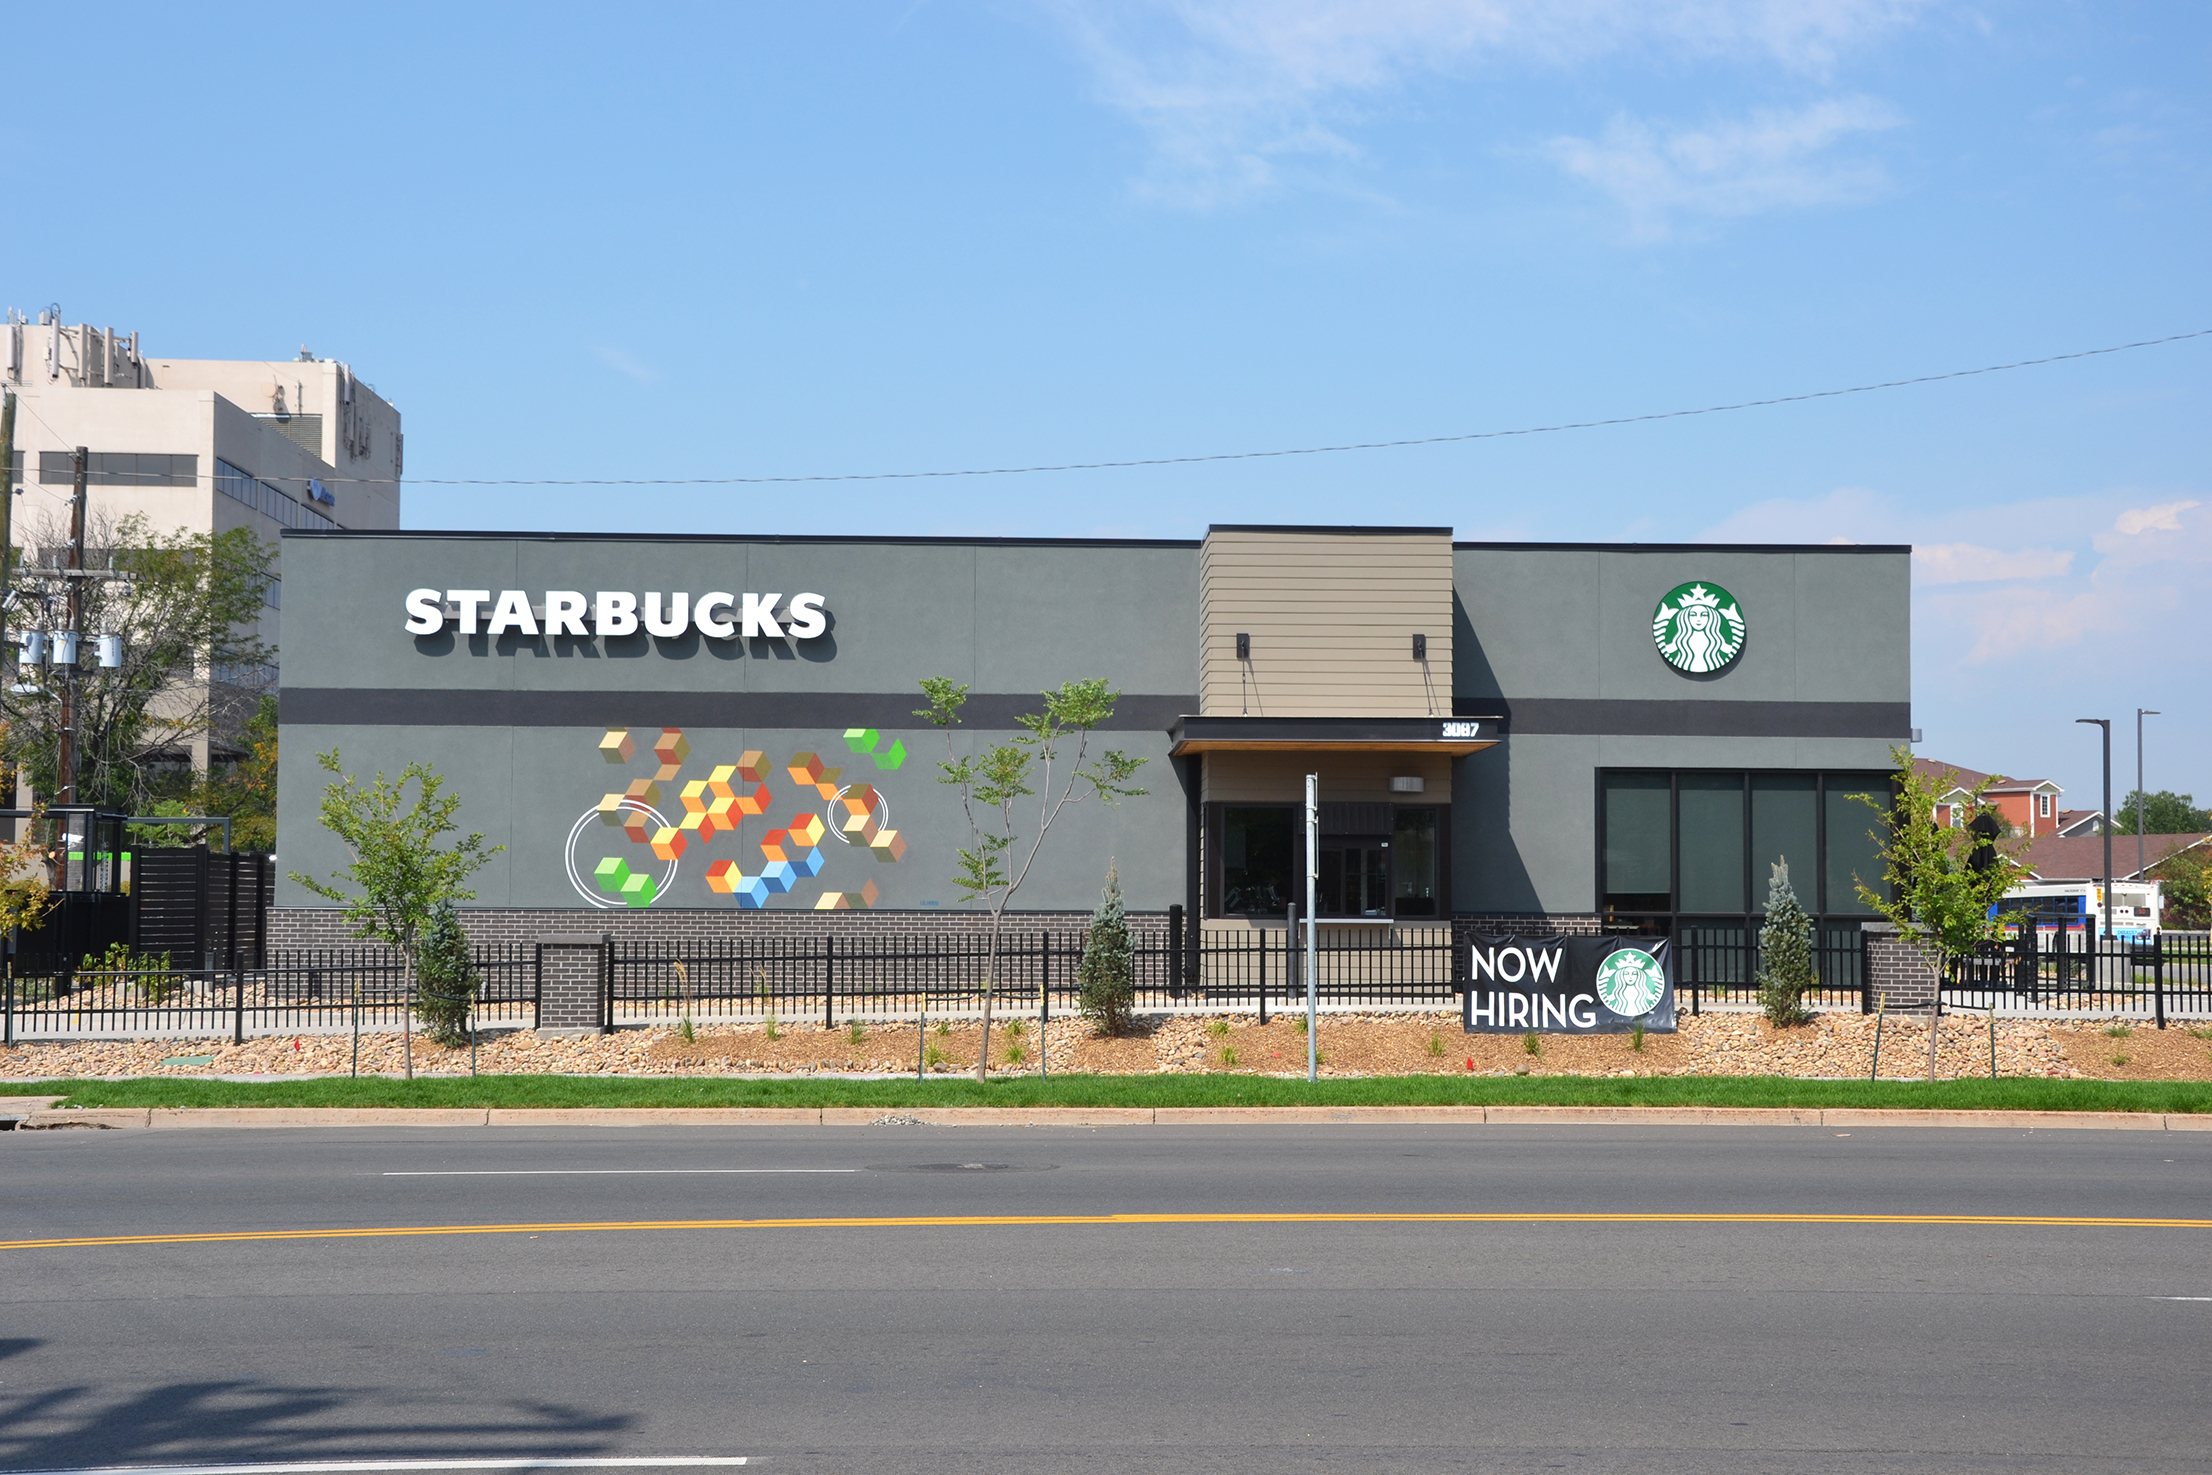 Verdad Project - Starbucks - Denver CO - BTS 2.jpg